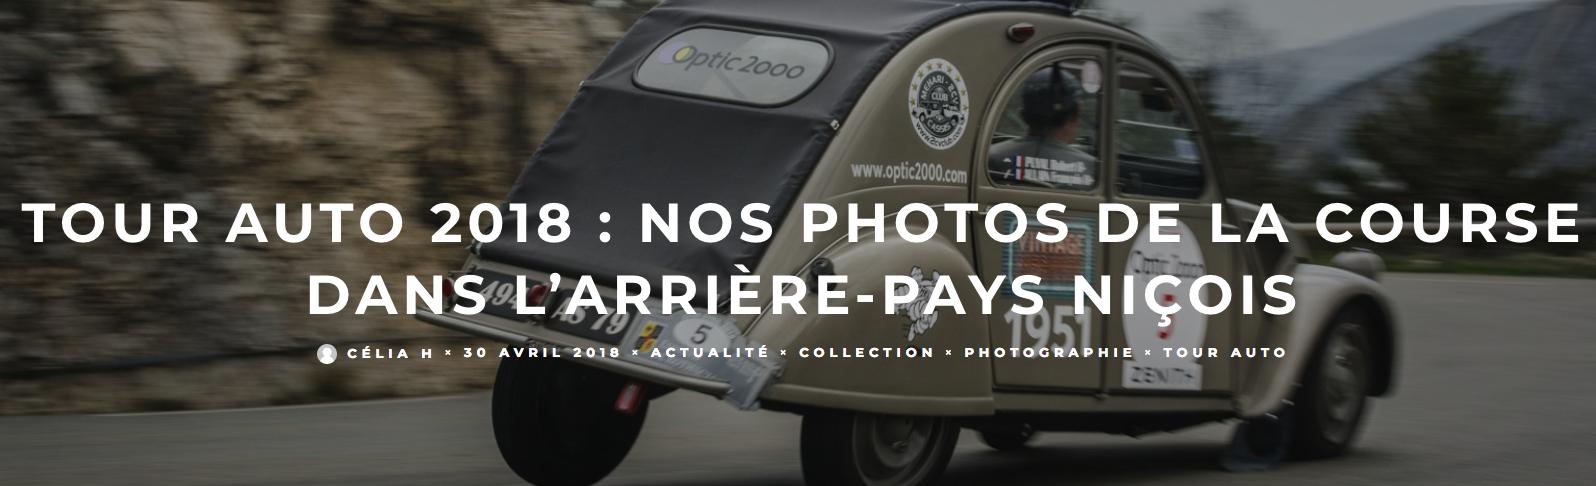 Tour Auto 2018 sur les routes de l'arrière pays Niçois Captur10